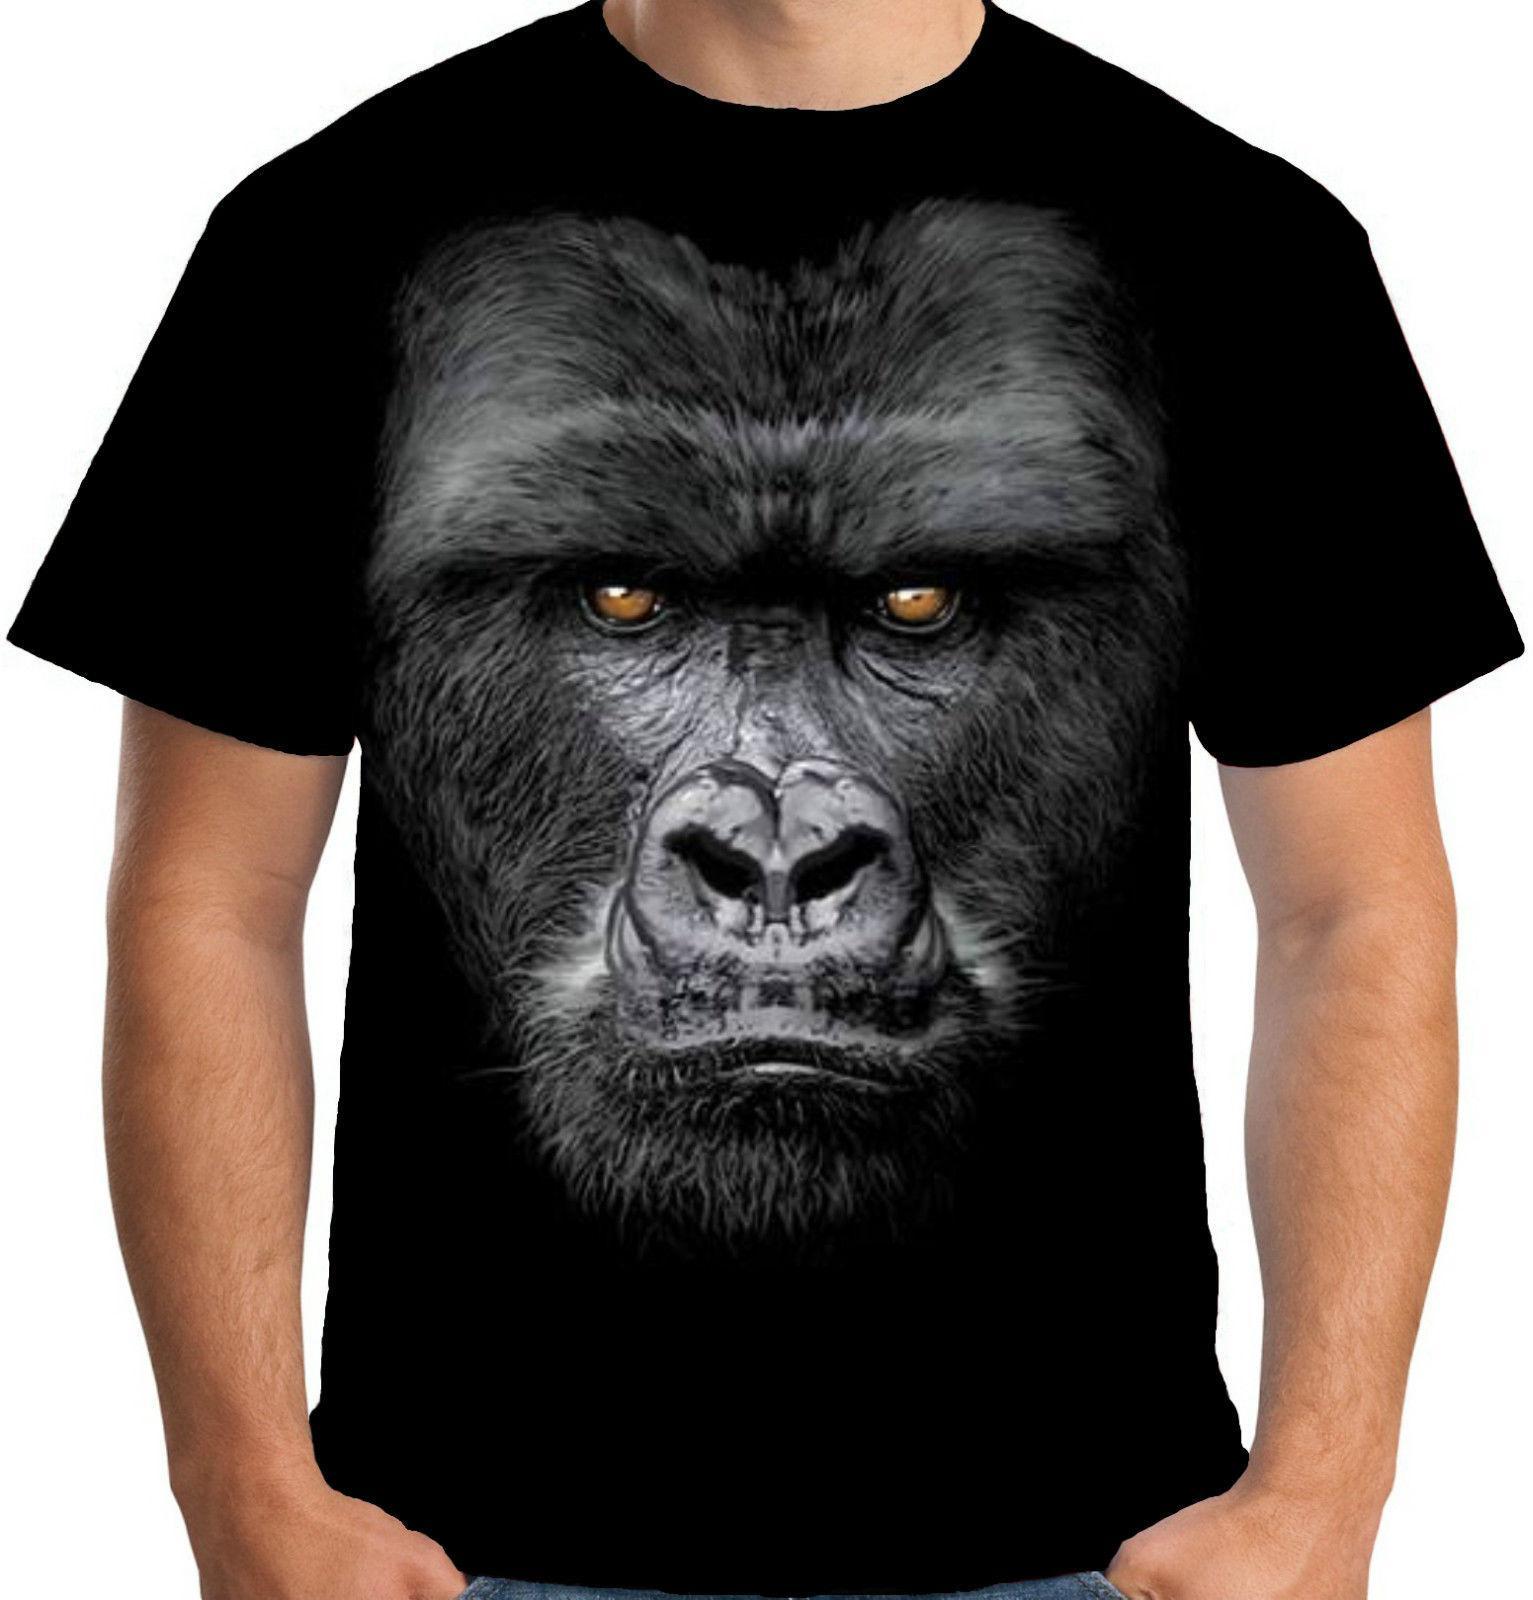 Gorilla Face T-SHIRT NEW Fun Animal Face BIG Ape Tee Shirts T-Shirts